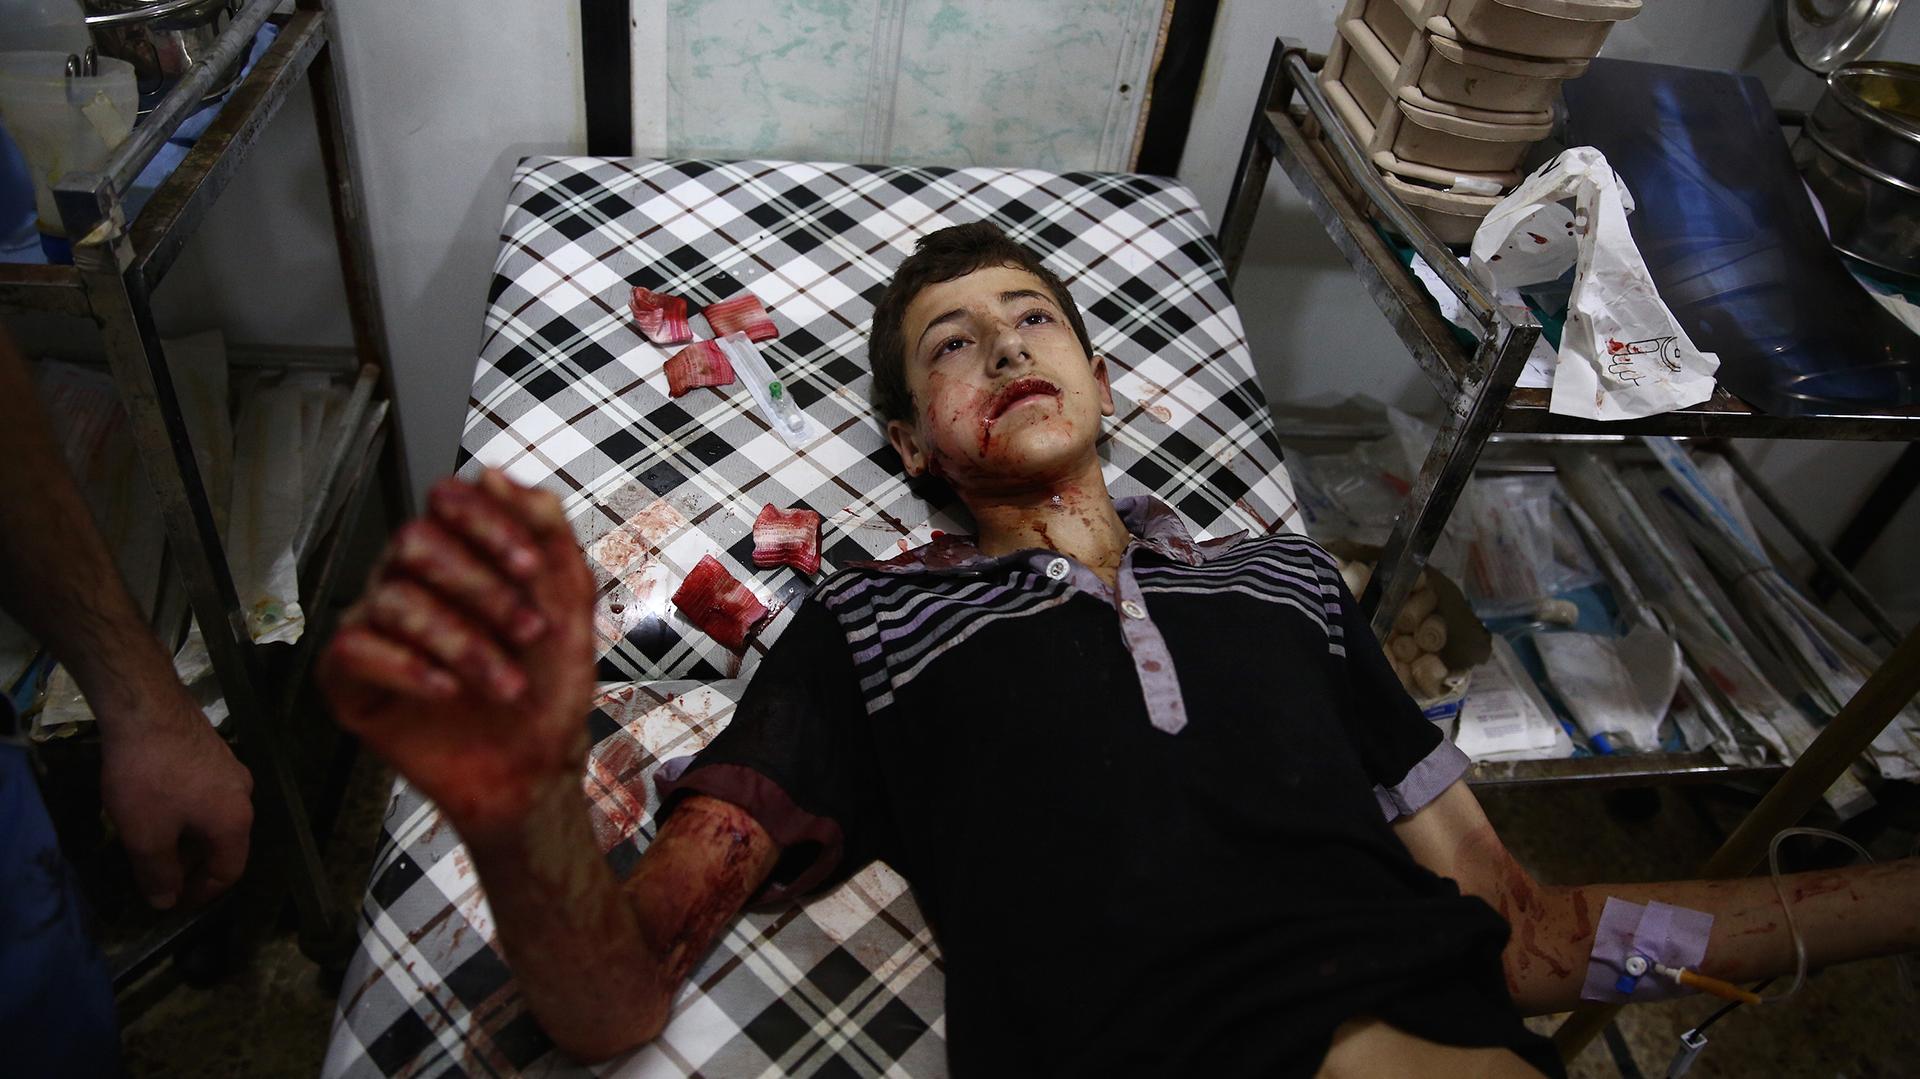 Un joven sirio recibe asistencia médica en Shaffuniya, al este de la capital Damasco(AFP)